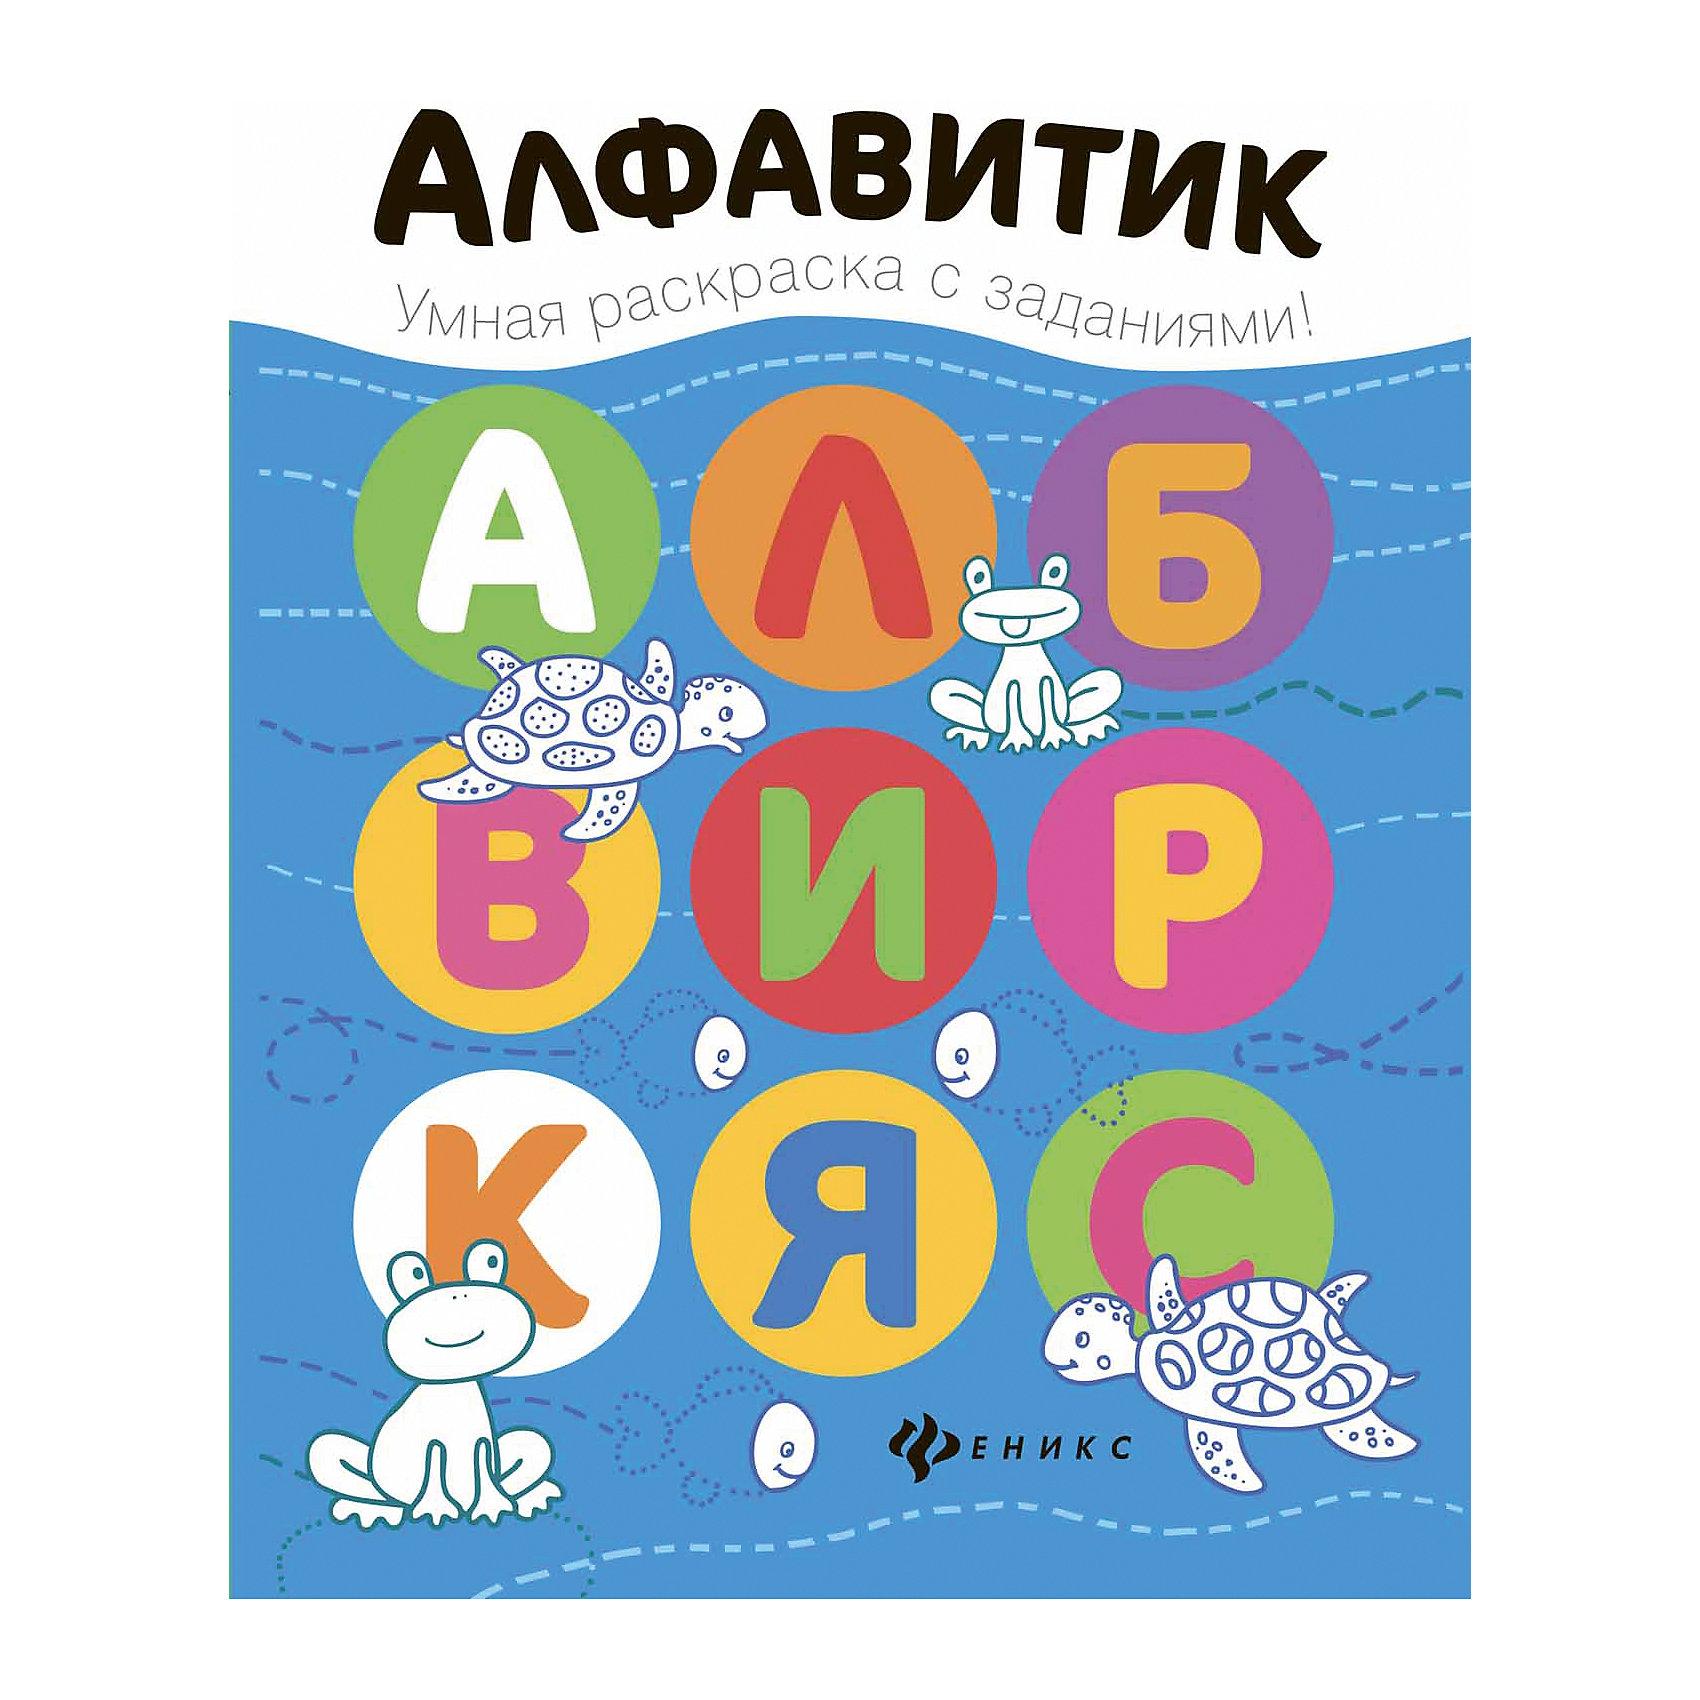 Книжка-раскраска АлфавитикРисование<br>Раскрашивая картинки и выполняя интересные задания на каждой страничке, малыш научится считать, познакомится с буквами алфавита и геометрическими фигурами.<br><br>Ширина мм: 200<br>Глубина мм: 199<br>Высота мм: 260<br>Вес г: 488<br>Возраст от месяцев: 36<br>Возраст до месяцев: 2147483647<br>Пол: Унисекс<br>Возраст: Детский<br>SKU: 5518119